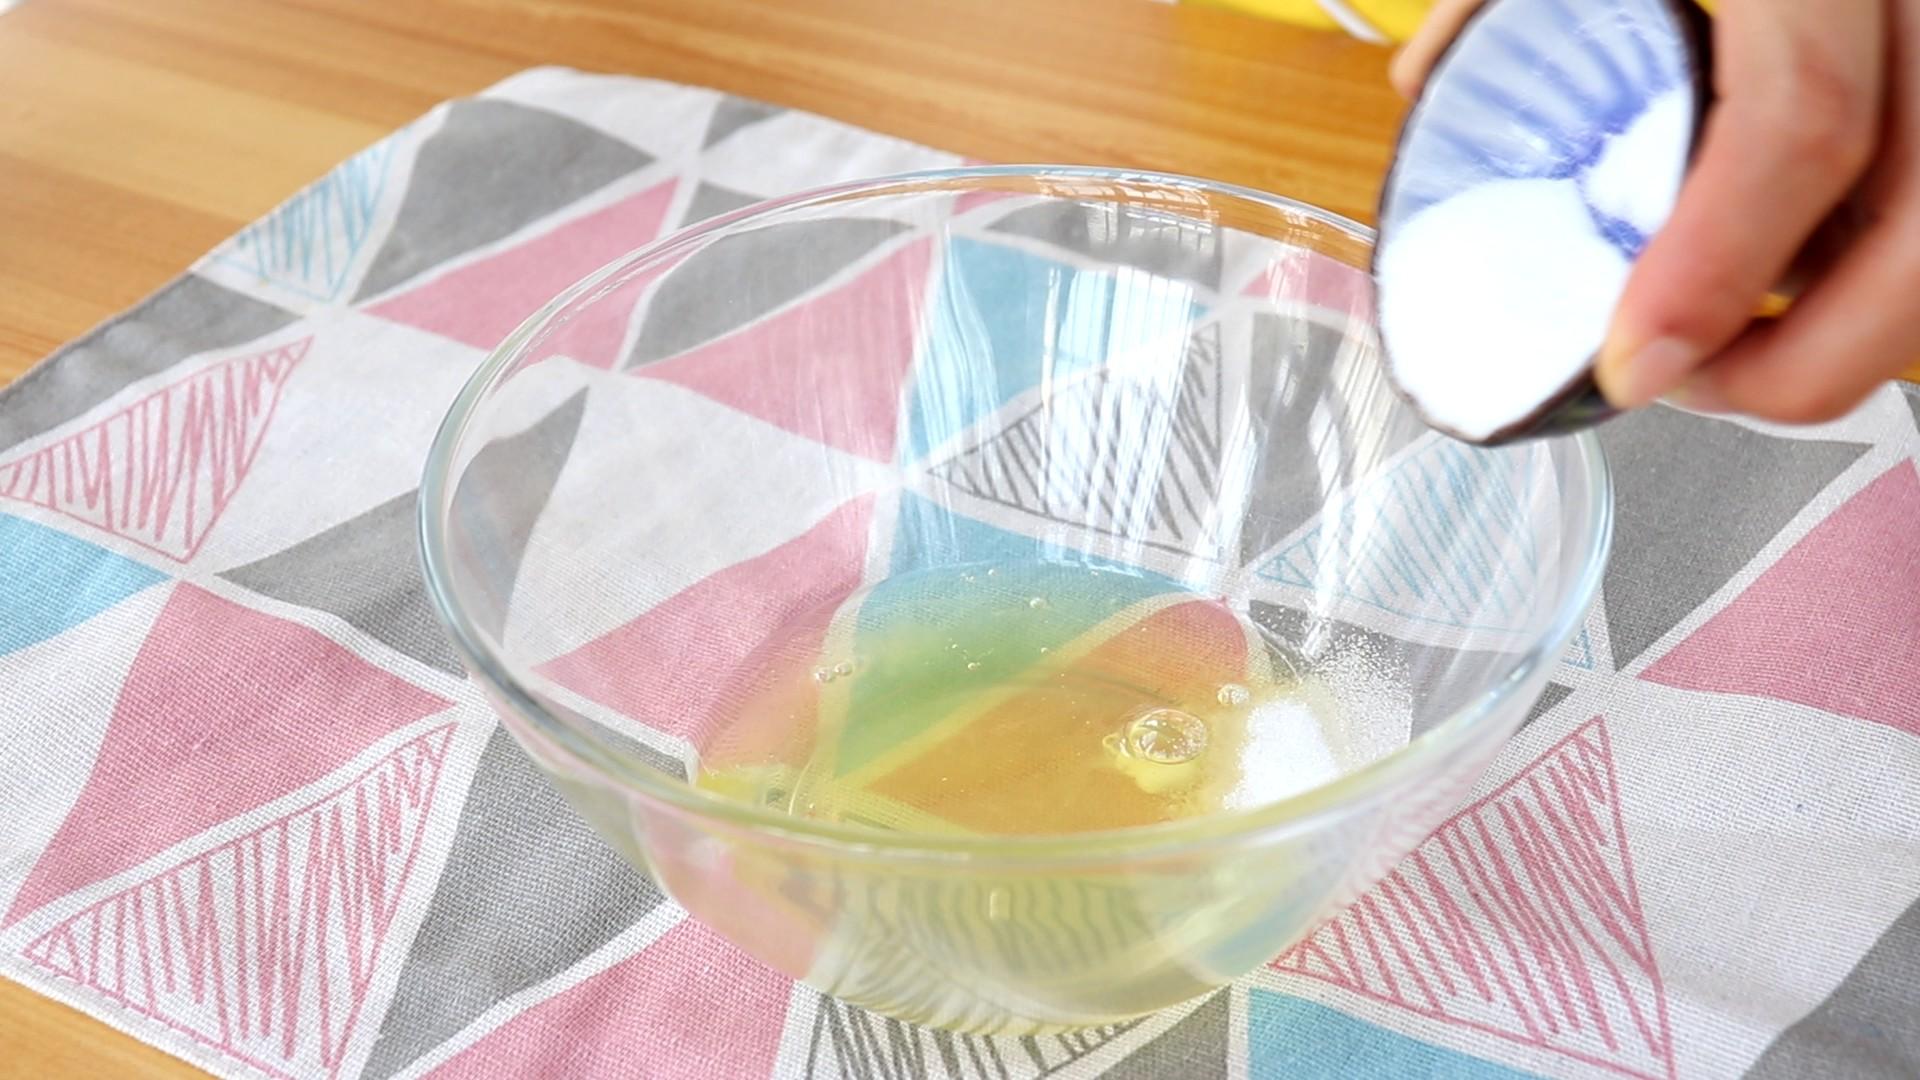 手指饼干,蛋清中滴几滴柠檬汁,加总量20g细砂糖的1/3,电动打蛋器高速打发至蛋清鱼眼发泡状</p> <p>tips:柠檬汁可以起到稳定蛋白的作用